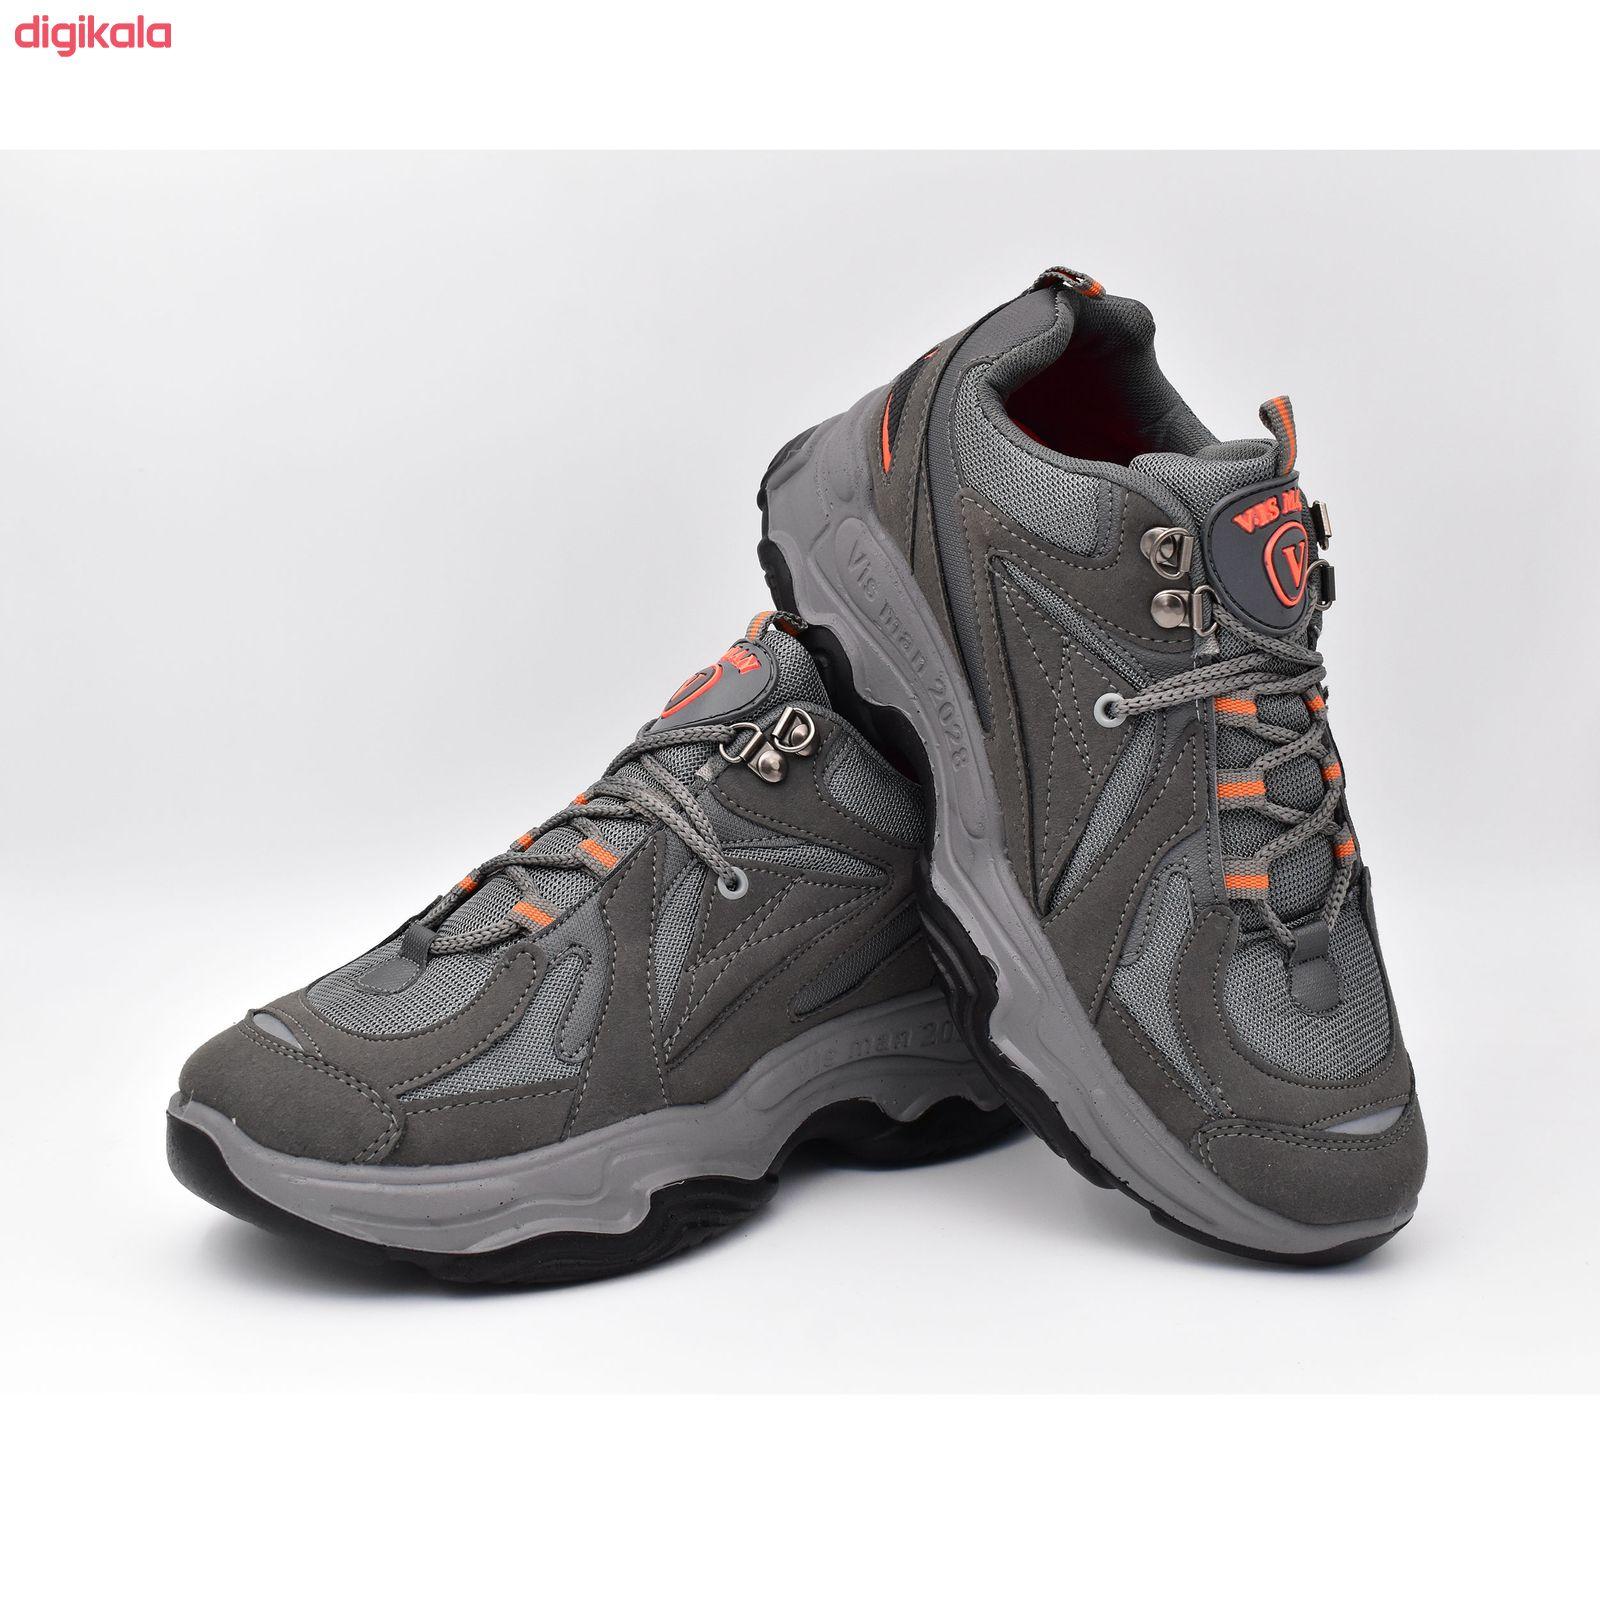 کفش کوهنوردی مردانه ویس من مدل CKO کد 8377 main 1 6